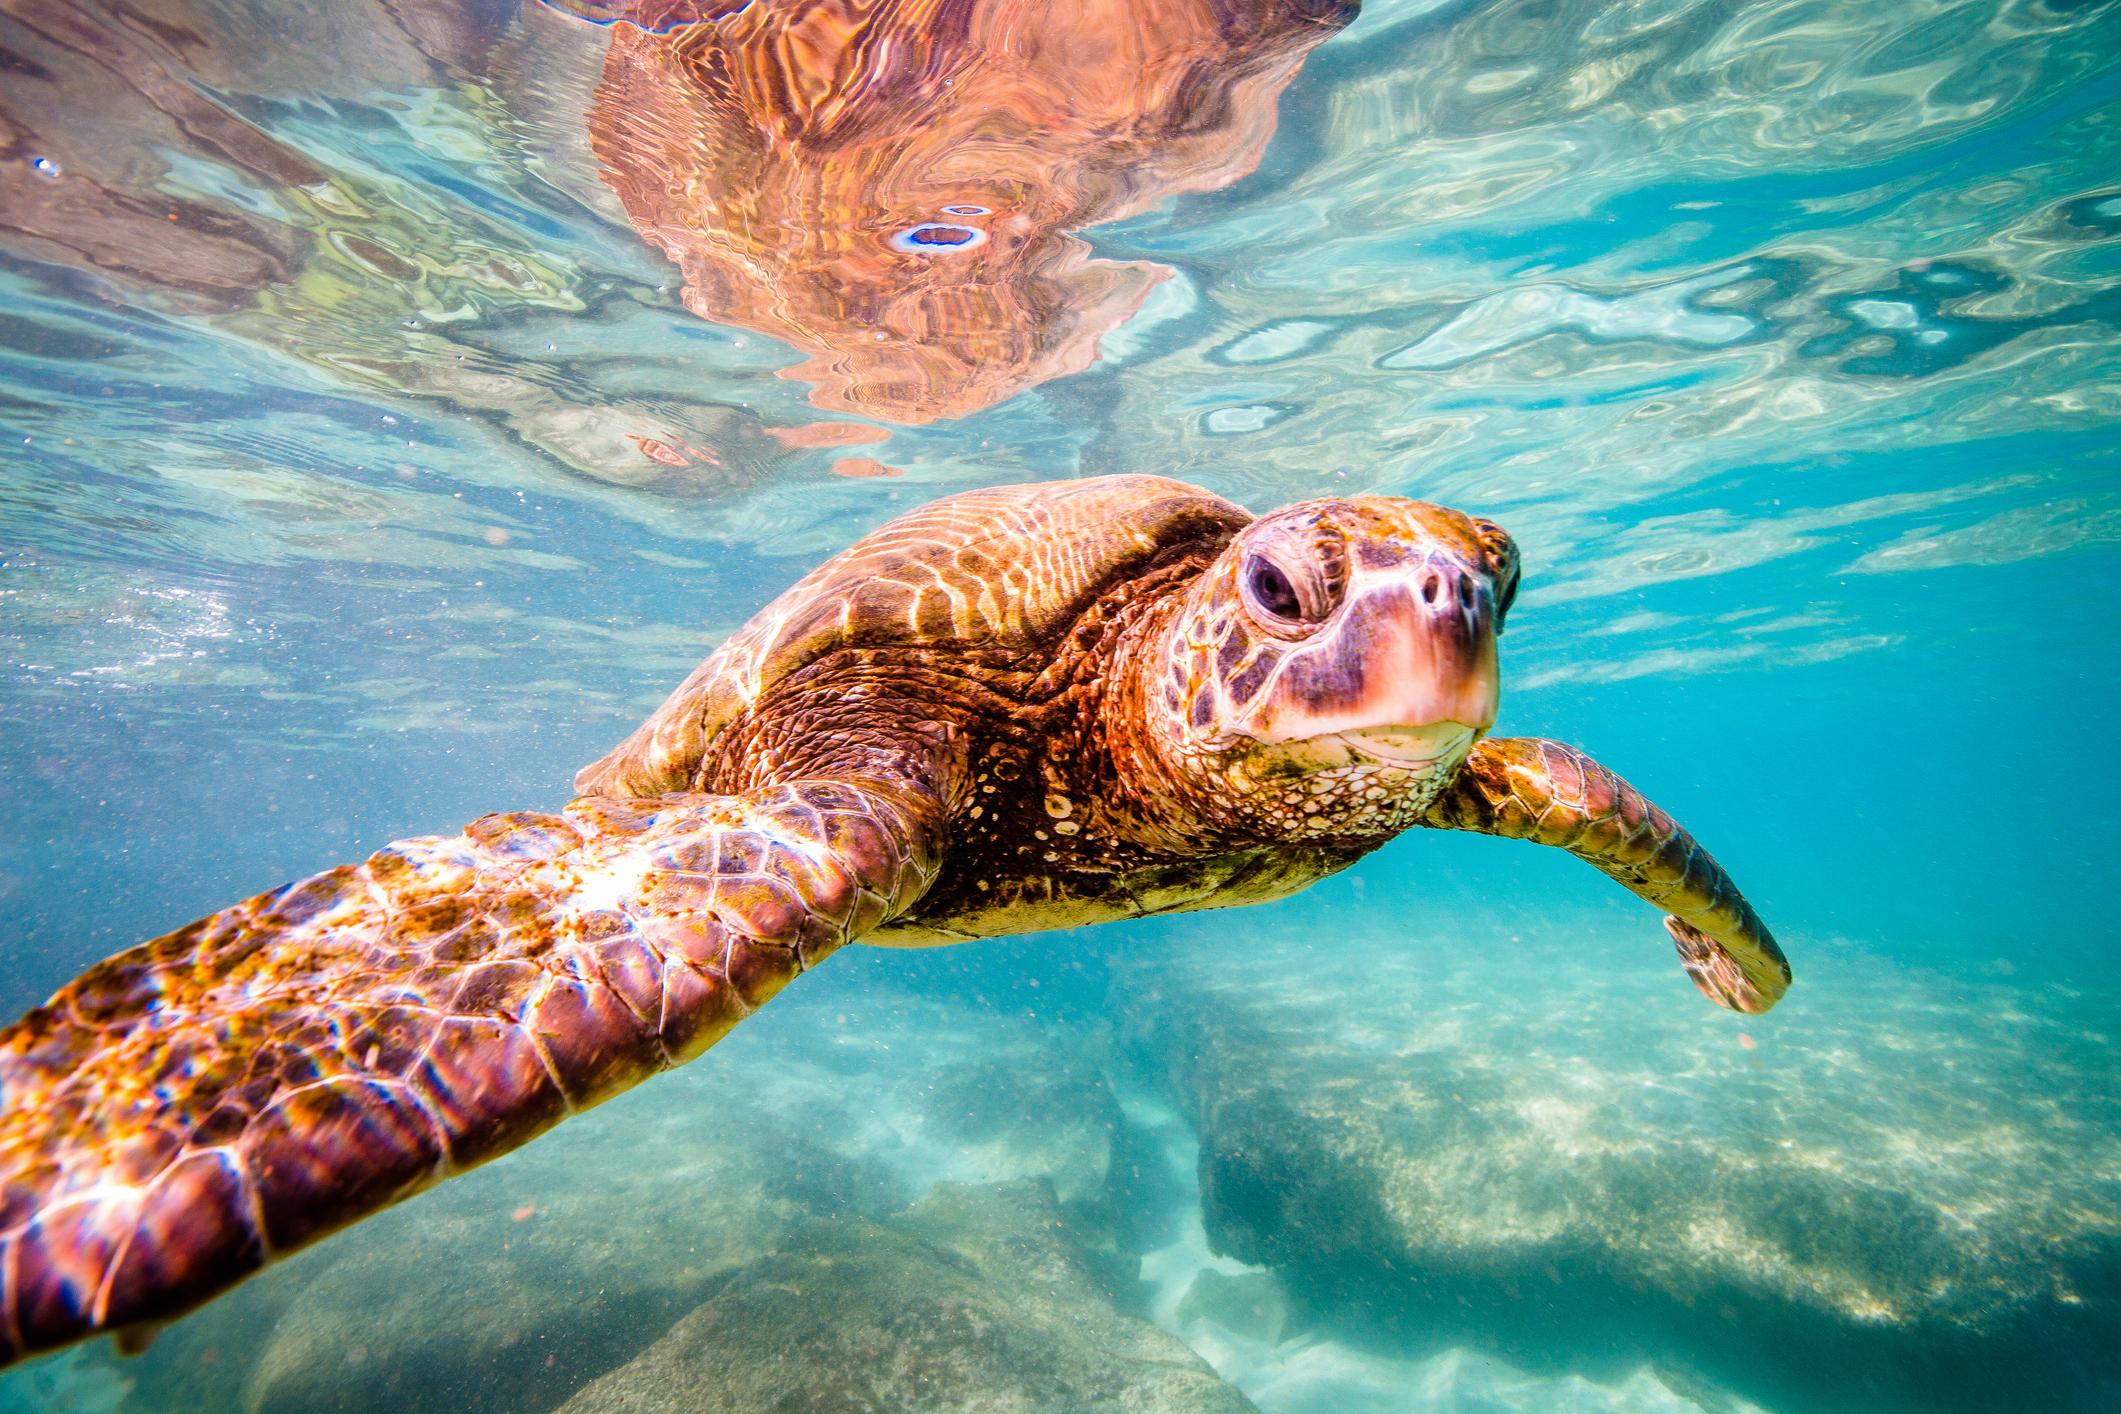 Marevivo nella gestione del Centro di Primo Soccorso per tartarughe marine di Messina